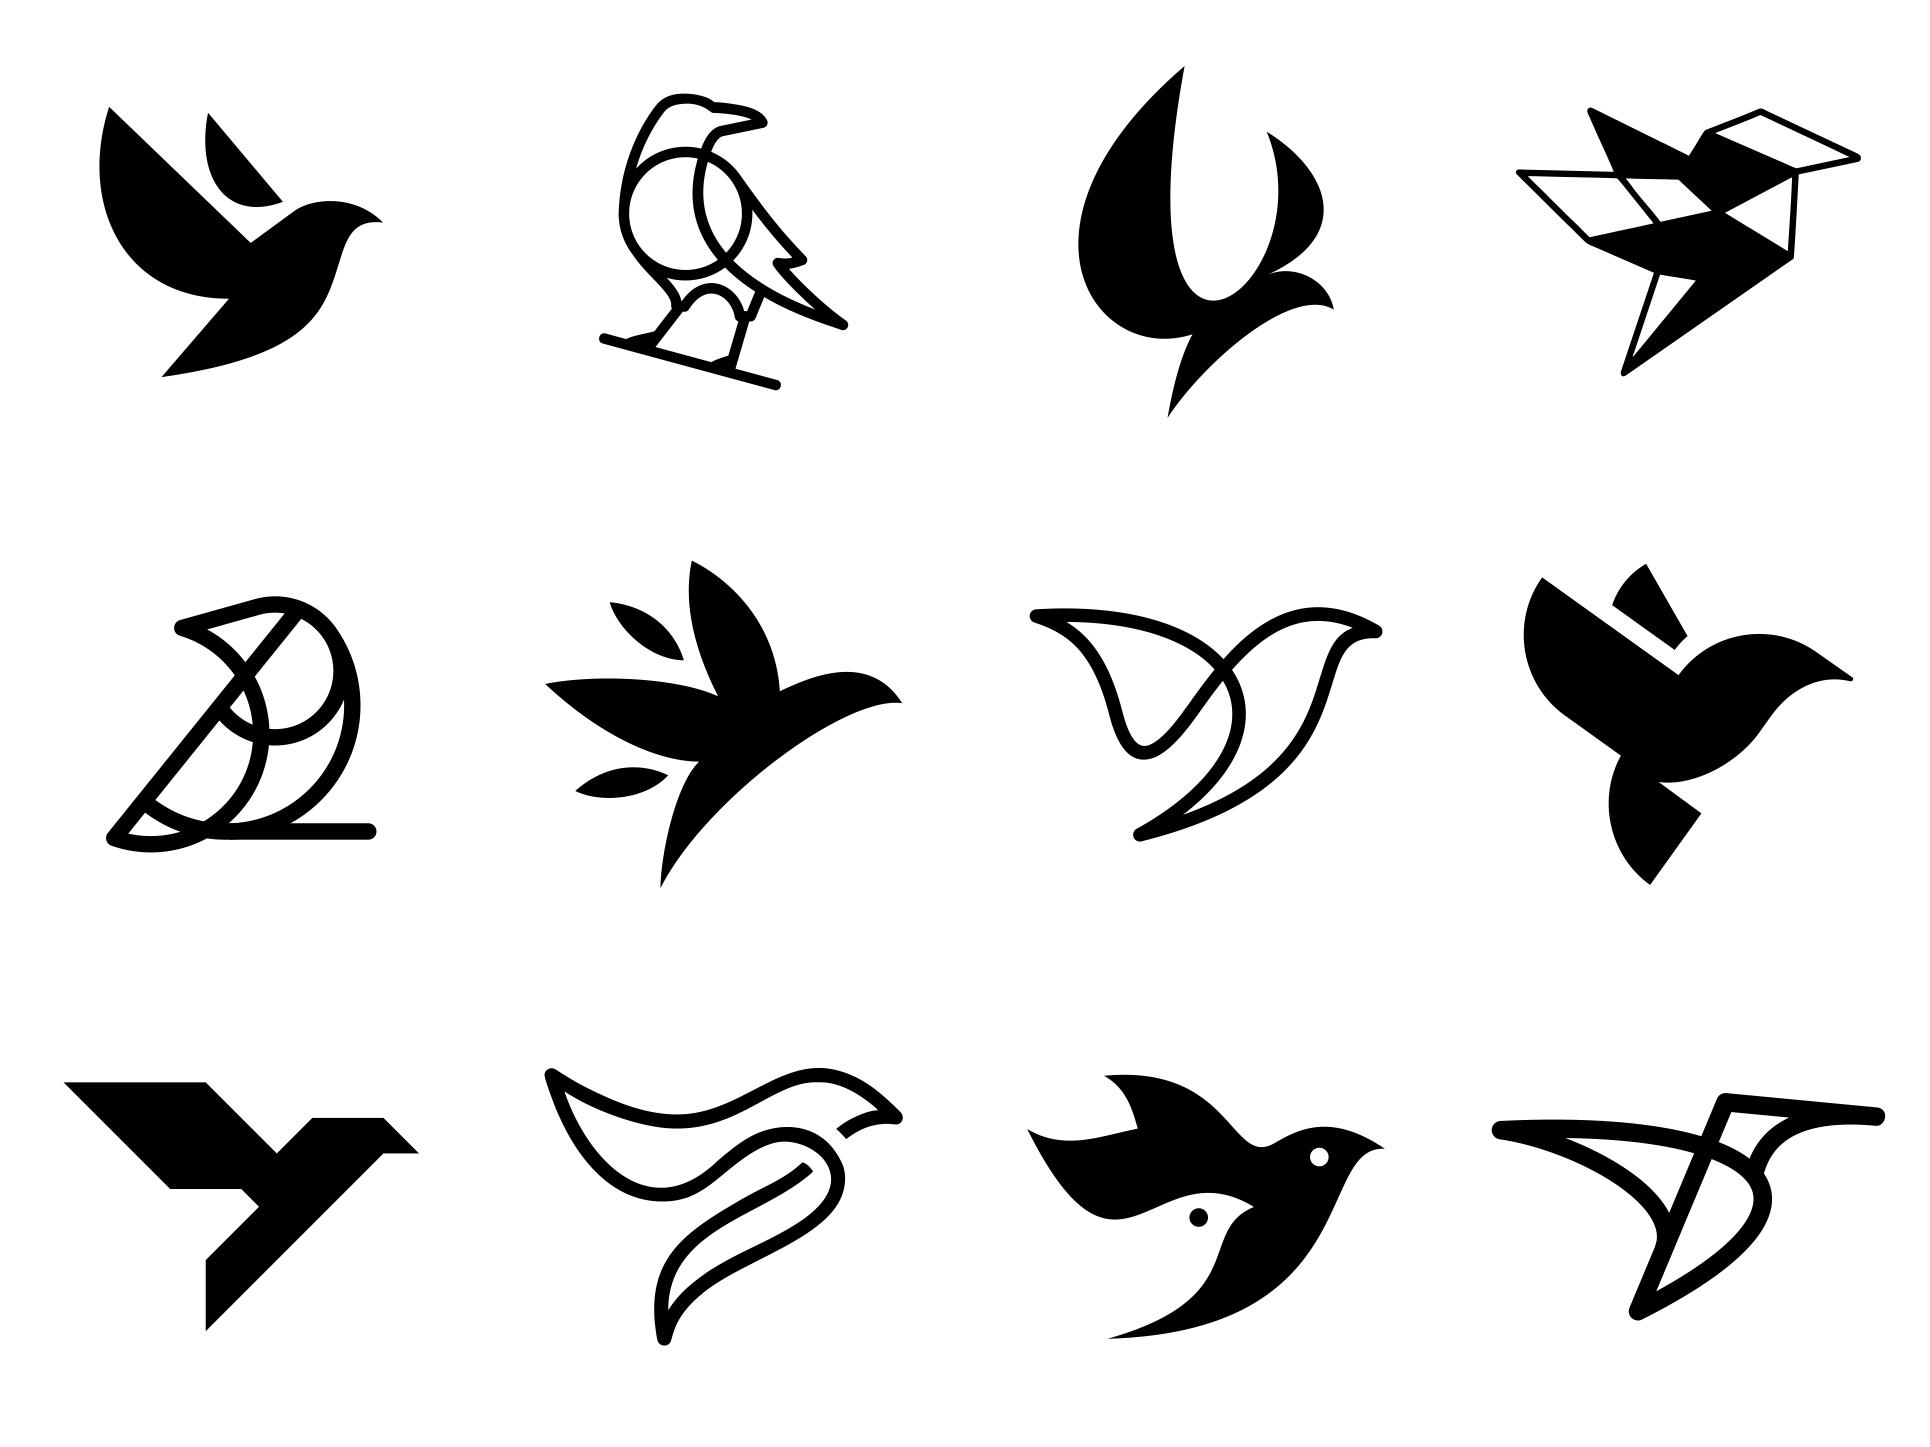 пишут картинки и символ в виде птицы для телефона, камеры